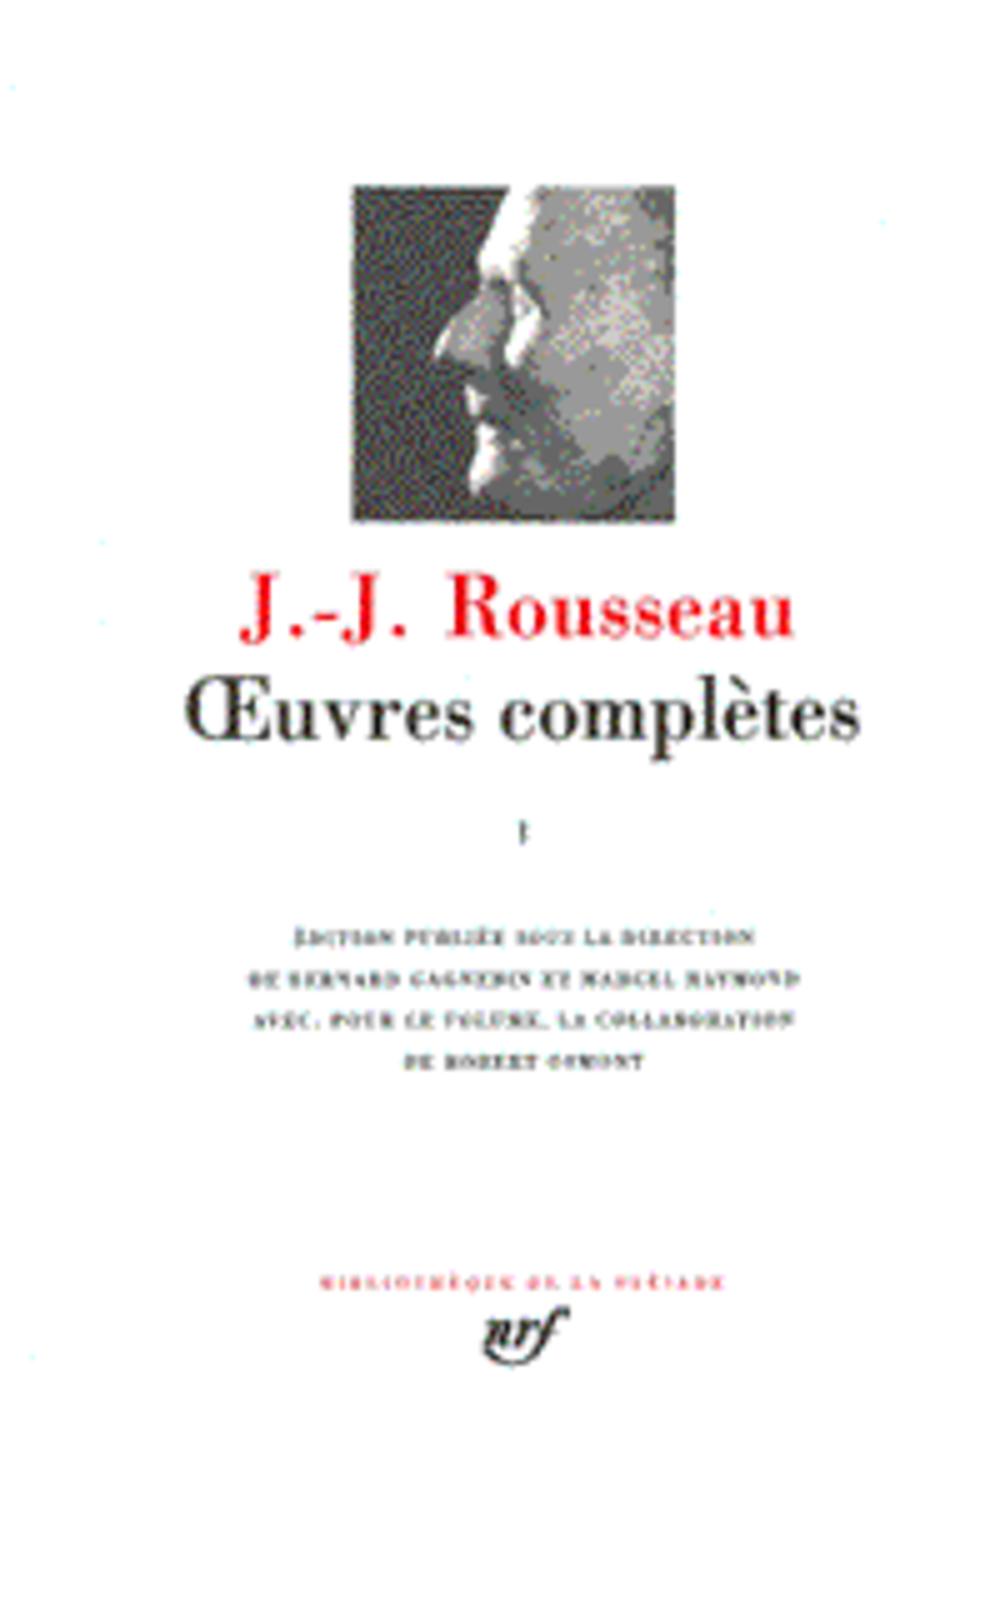 Oeuvres completes (tome 5-ecrits sur la musique, la langue et le theatre)